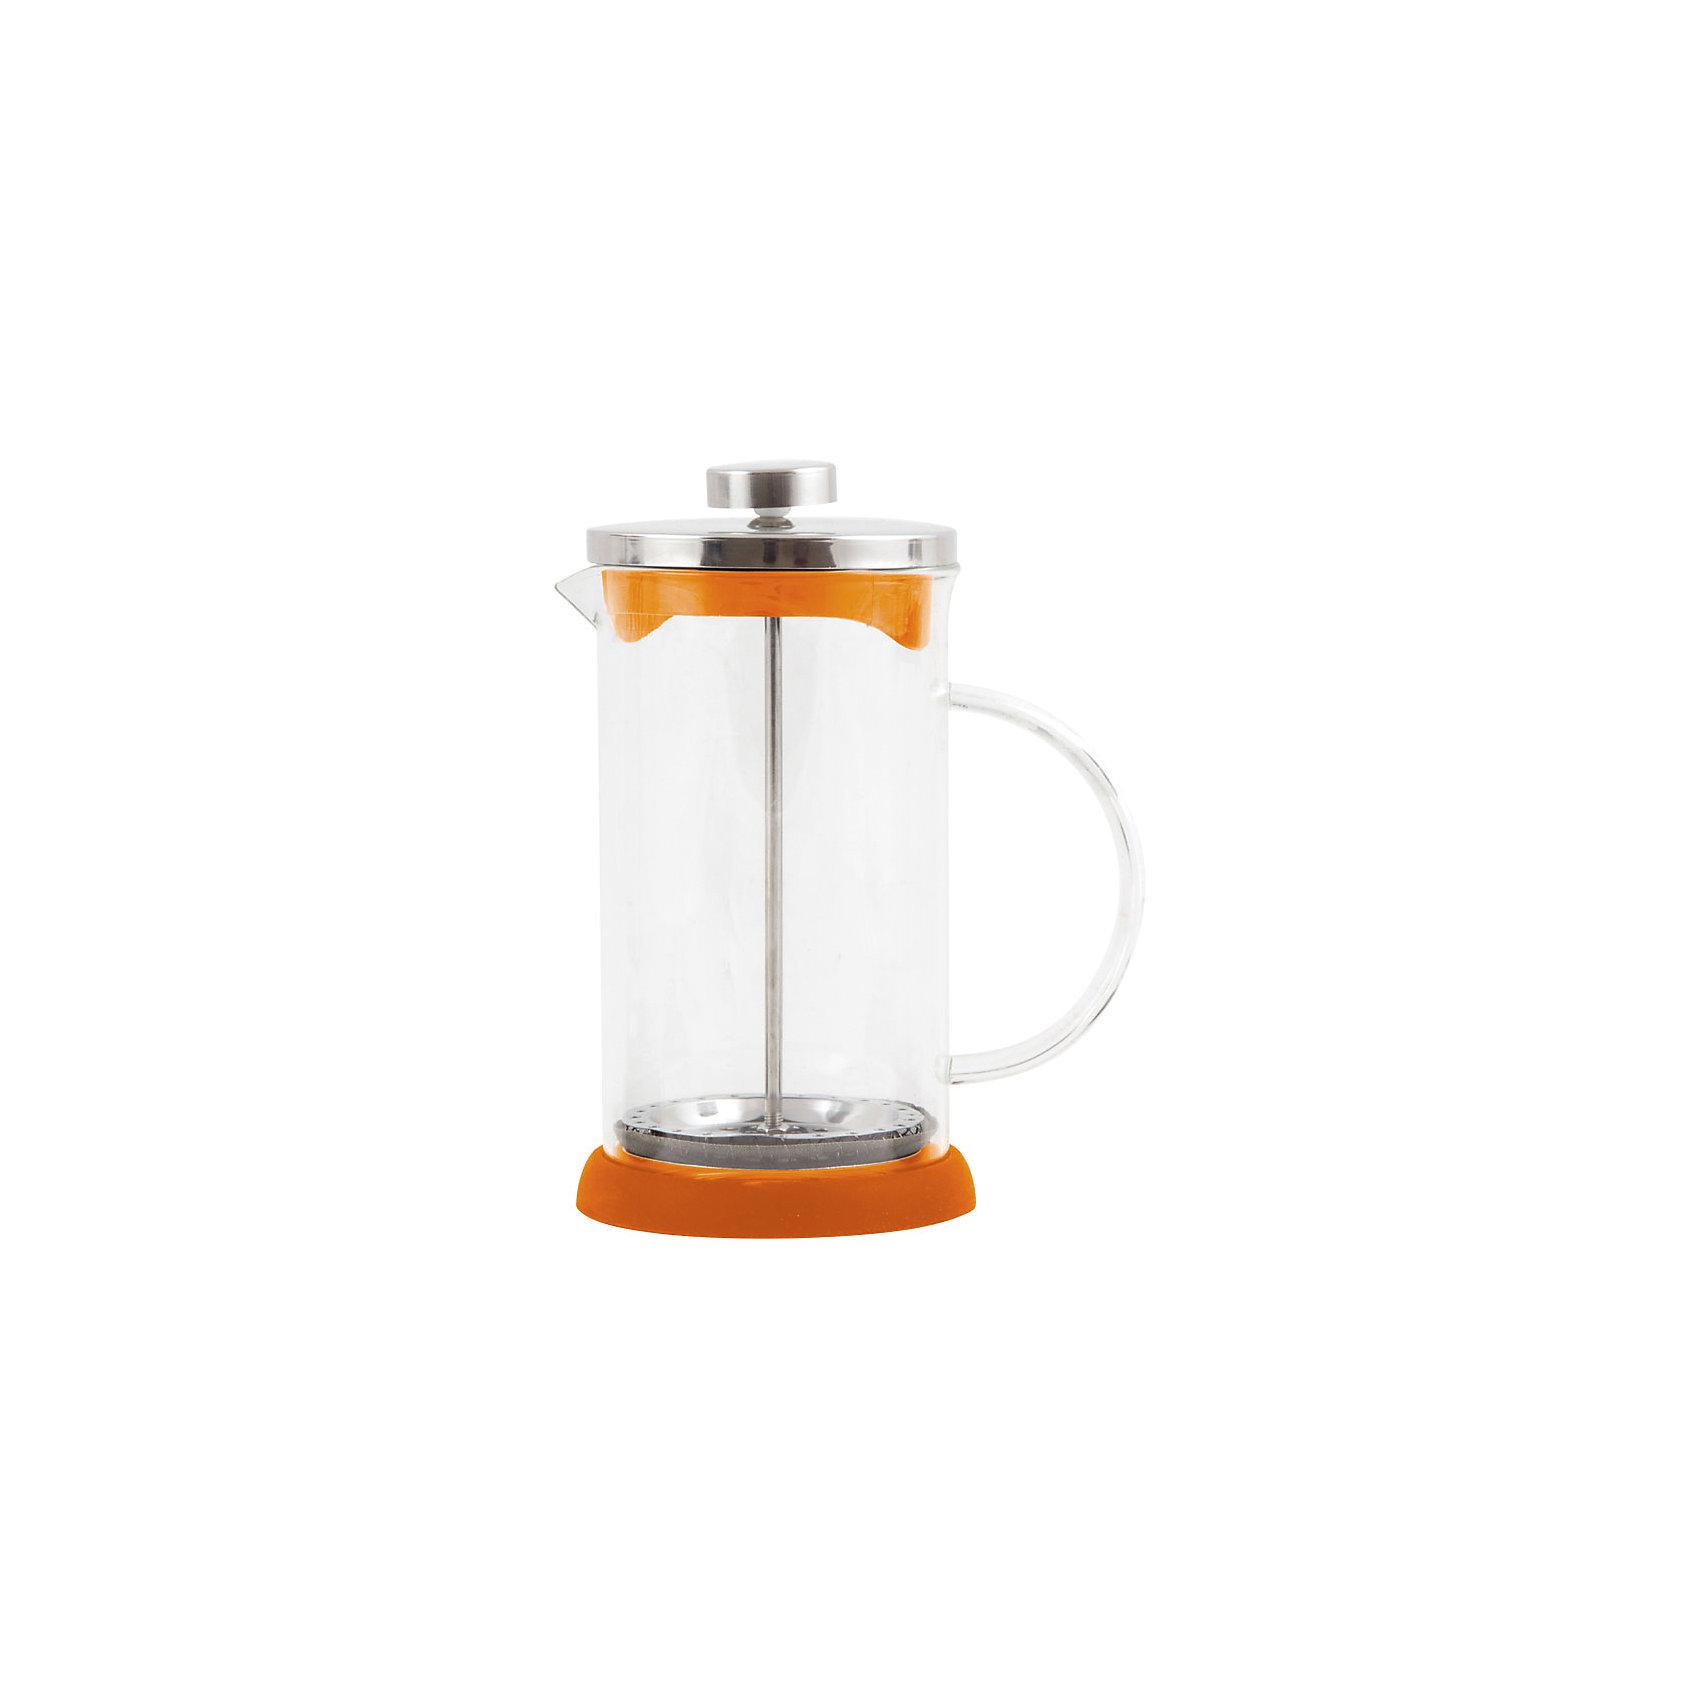 Кофе-пресс стеклянный GFP01-1000ML-O, Mallony, оранжевыйЗаварить чай или подать кофе – кофе-пресс Mallony поможет в этом. Прозрачная стеклянная колба дает возможность увидеть насыщенный цвет чая, рассмотреть, как раскрываются чайные листья, набухают и отдают свой цвет, наполняя кухню ароматом свежеприготовленного напитка. После того, как чай настоится, специальный пресс опускается, листья плотно прижимаются ко дну чайника, чаинки не попадают в чашку.<br><br>Дополнительная информация:<br><br>Высота чайника: 22 см<br>Объем: 1 л<br><br>Материал: стекло, нержавеющая сталь, силикон, пластик.<br><br>Упаковка: цветная индивидуальная коробка.<br><br>Кофе-пресс стеклянный GFP01-1000ML-O, Mallony, оранжевый можно купить в нашем интернет-магазине.<br><br>Ширина мм: 155<br>Глубина мм: 114<br>Высота мм: 209<br>Вес г: 596<br>Возраст от месяцев: 216<br>Возраст до месяцев: 1080<br>Пол: Унисекс<br>Возраст: Детский<br>SKU: 4989864